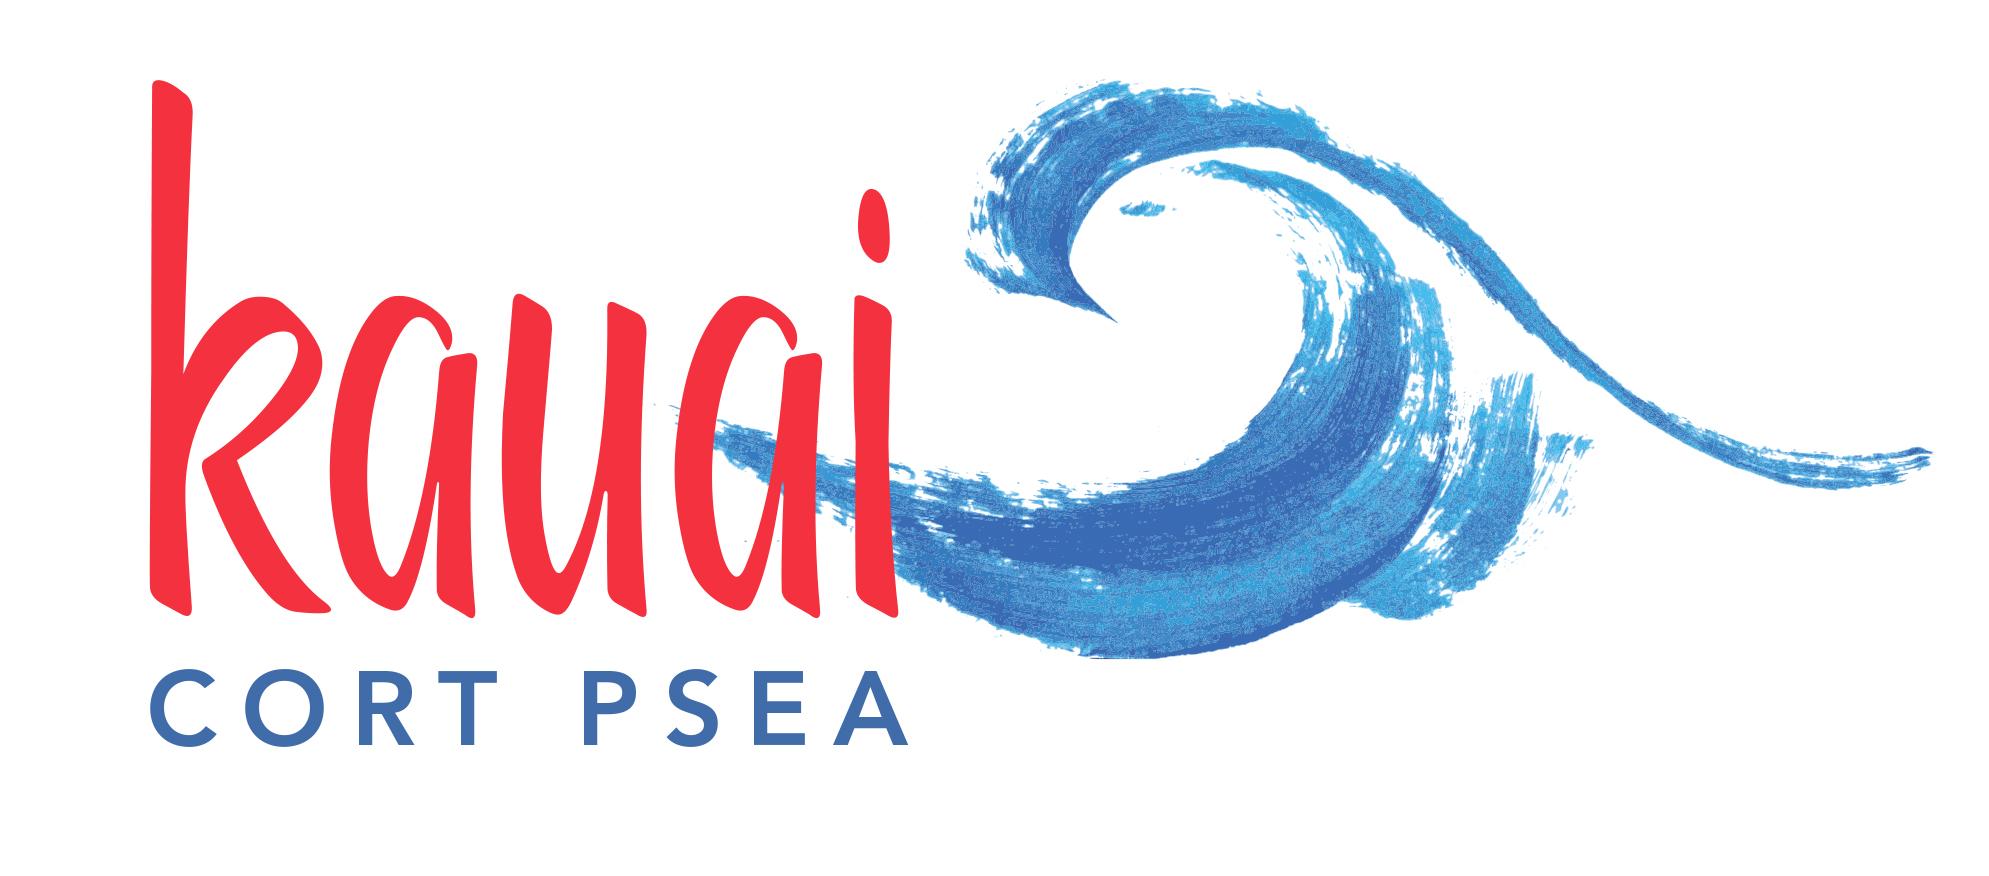 CORT PSEA Kauai